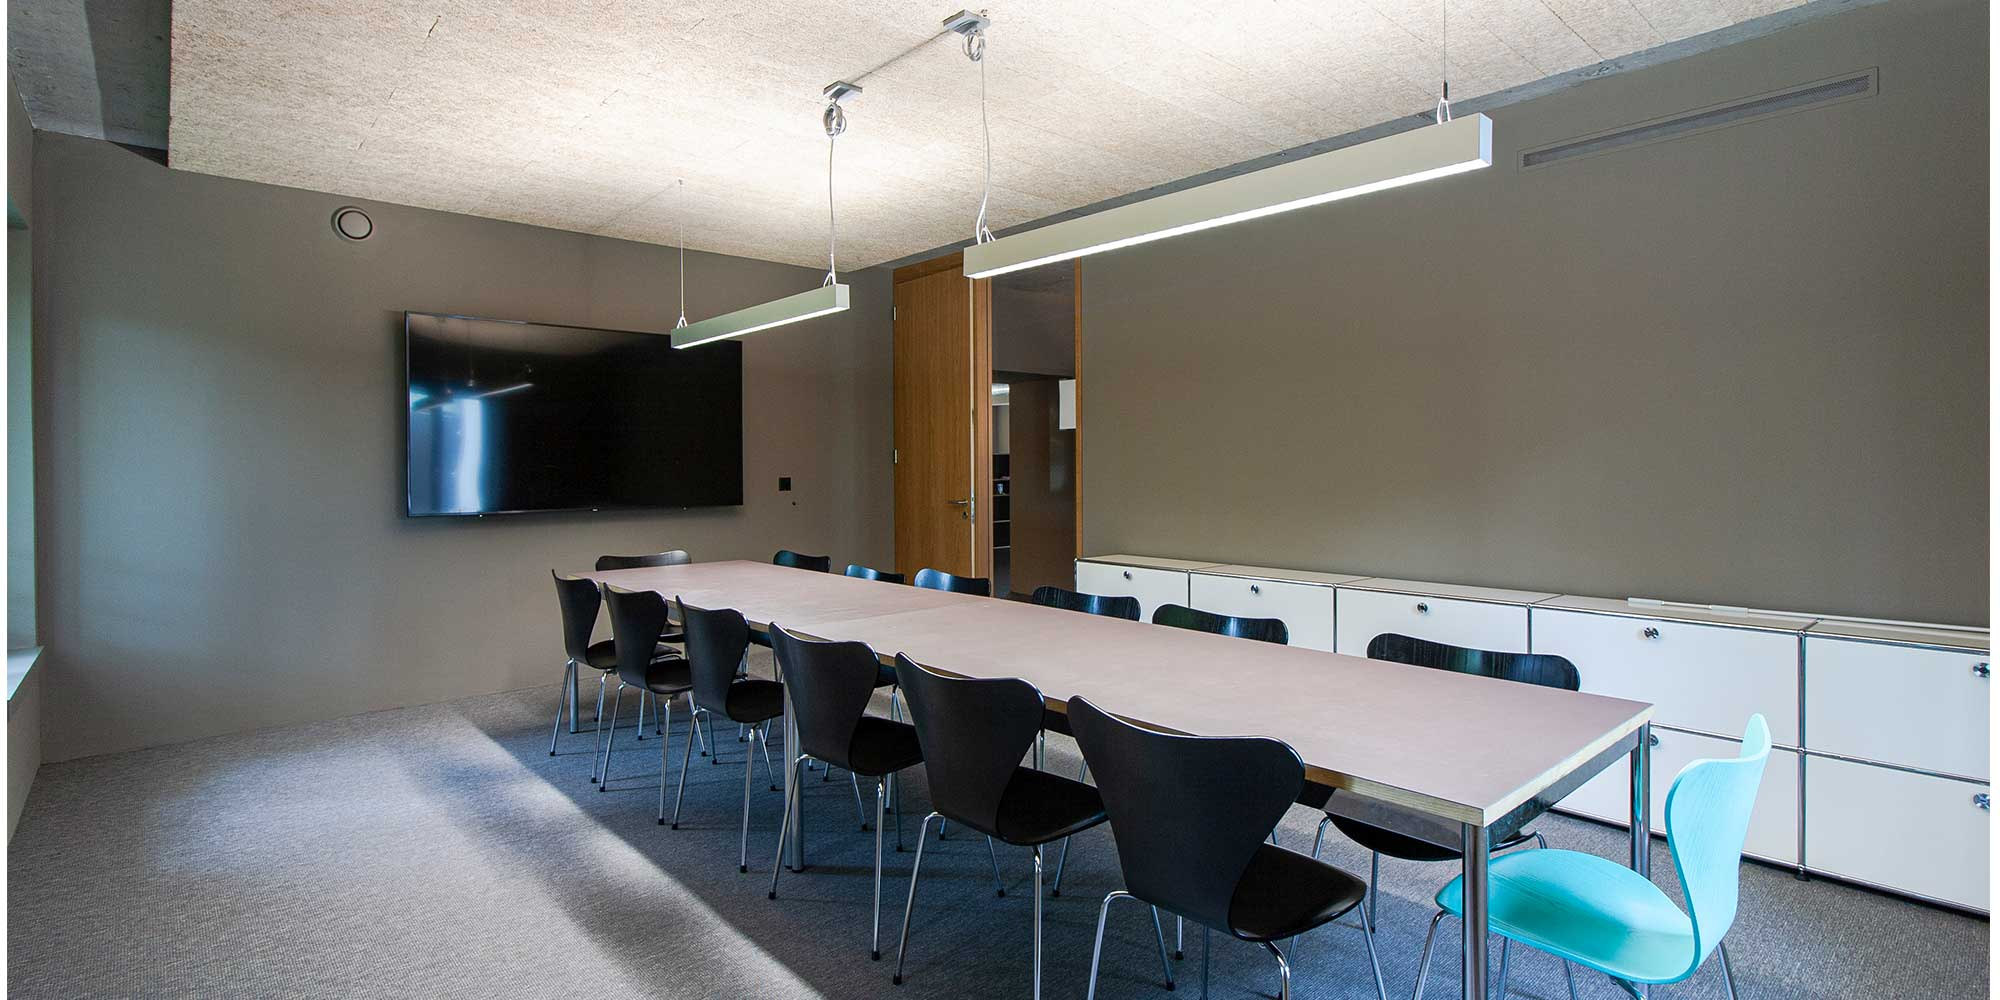 Seitliche Ansicht des Sitzungsraumes. Der Tisch wird mit der Matric Pendelleuchte von Lightnet optimal ausgeleuchtet